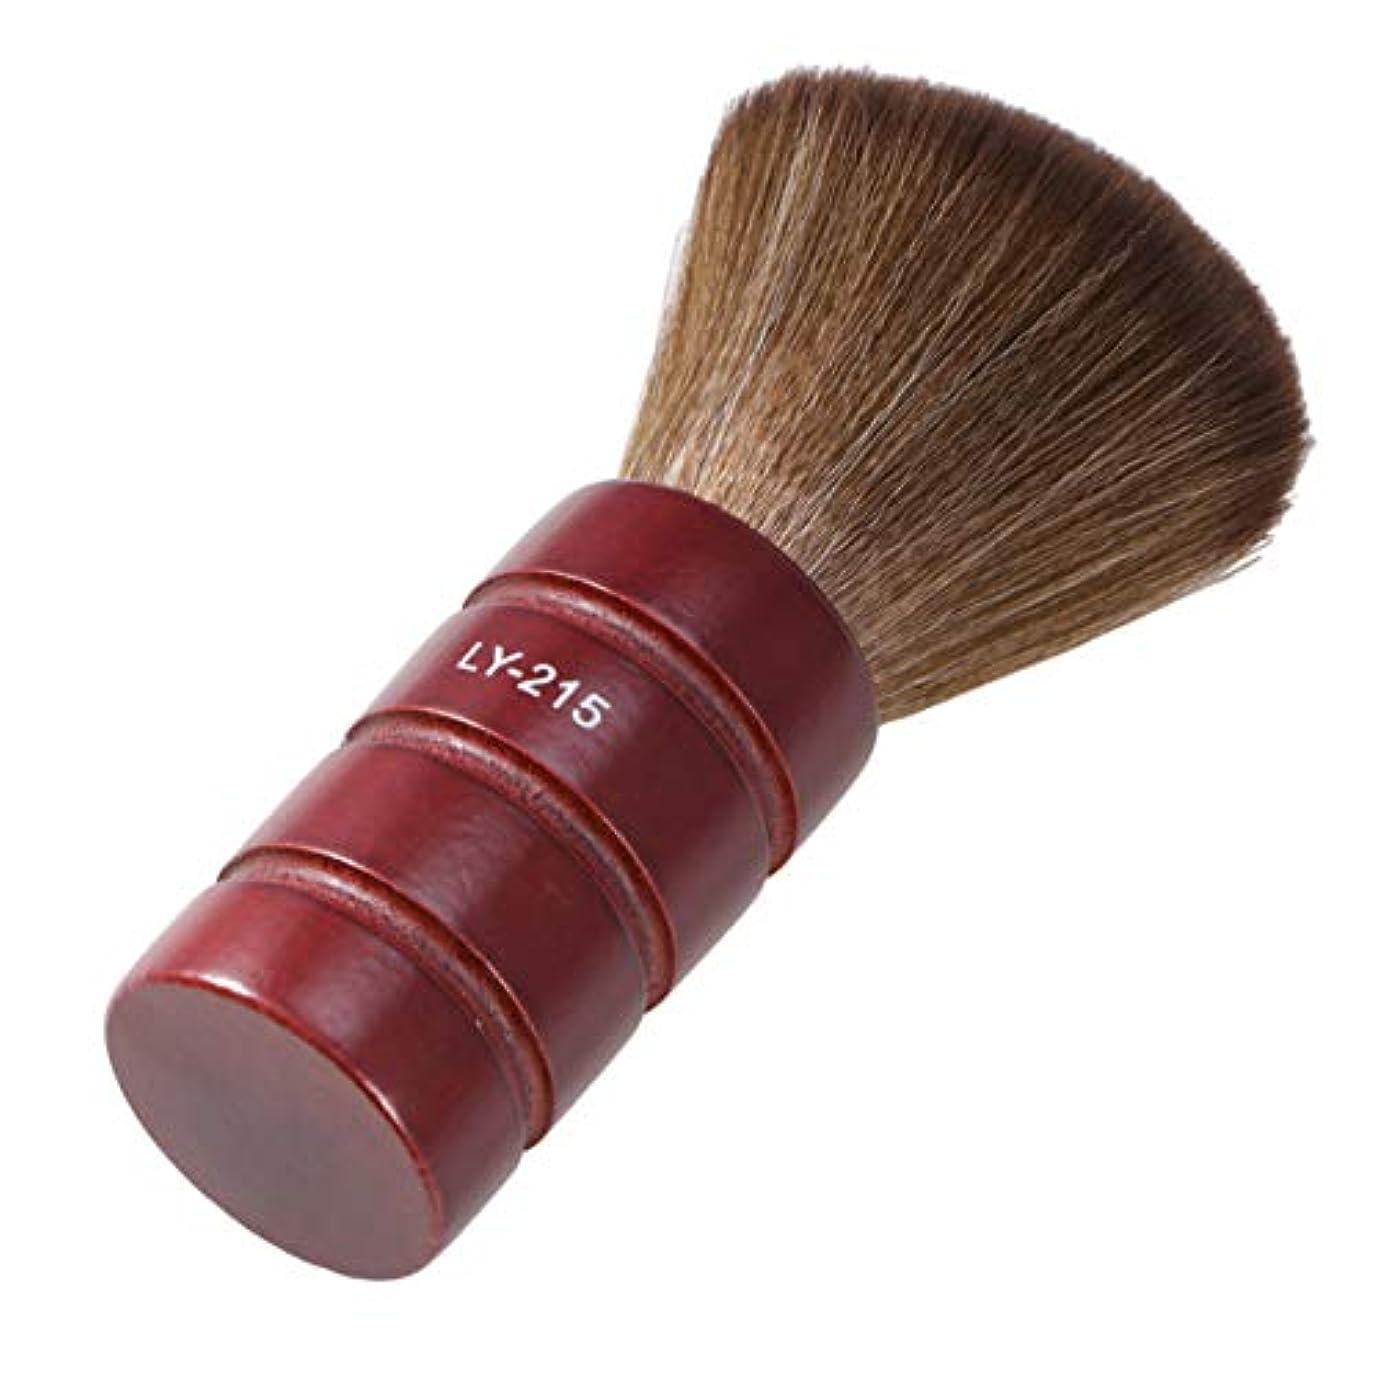 歩行者保証金層Lurroseプロフェッショナルヘアカットブラシソフトファイバーフェイスネックダスターブラシ理髪サロン理容ツール